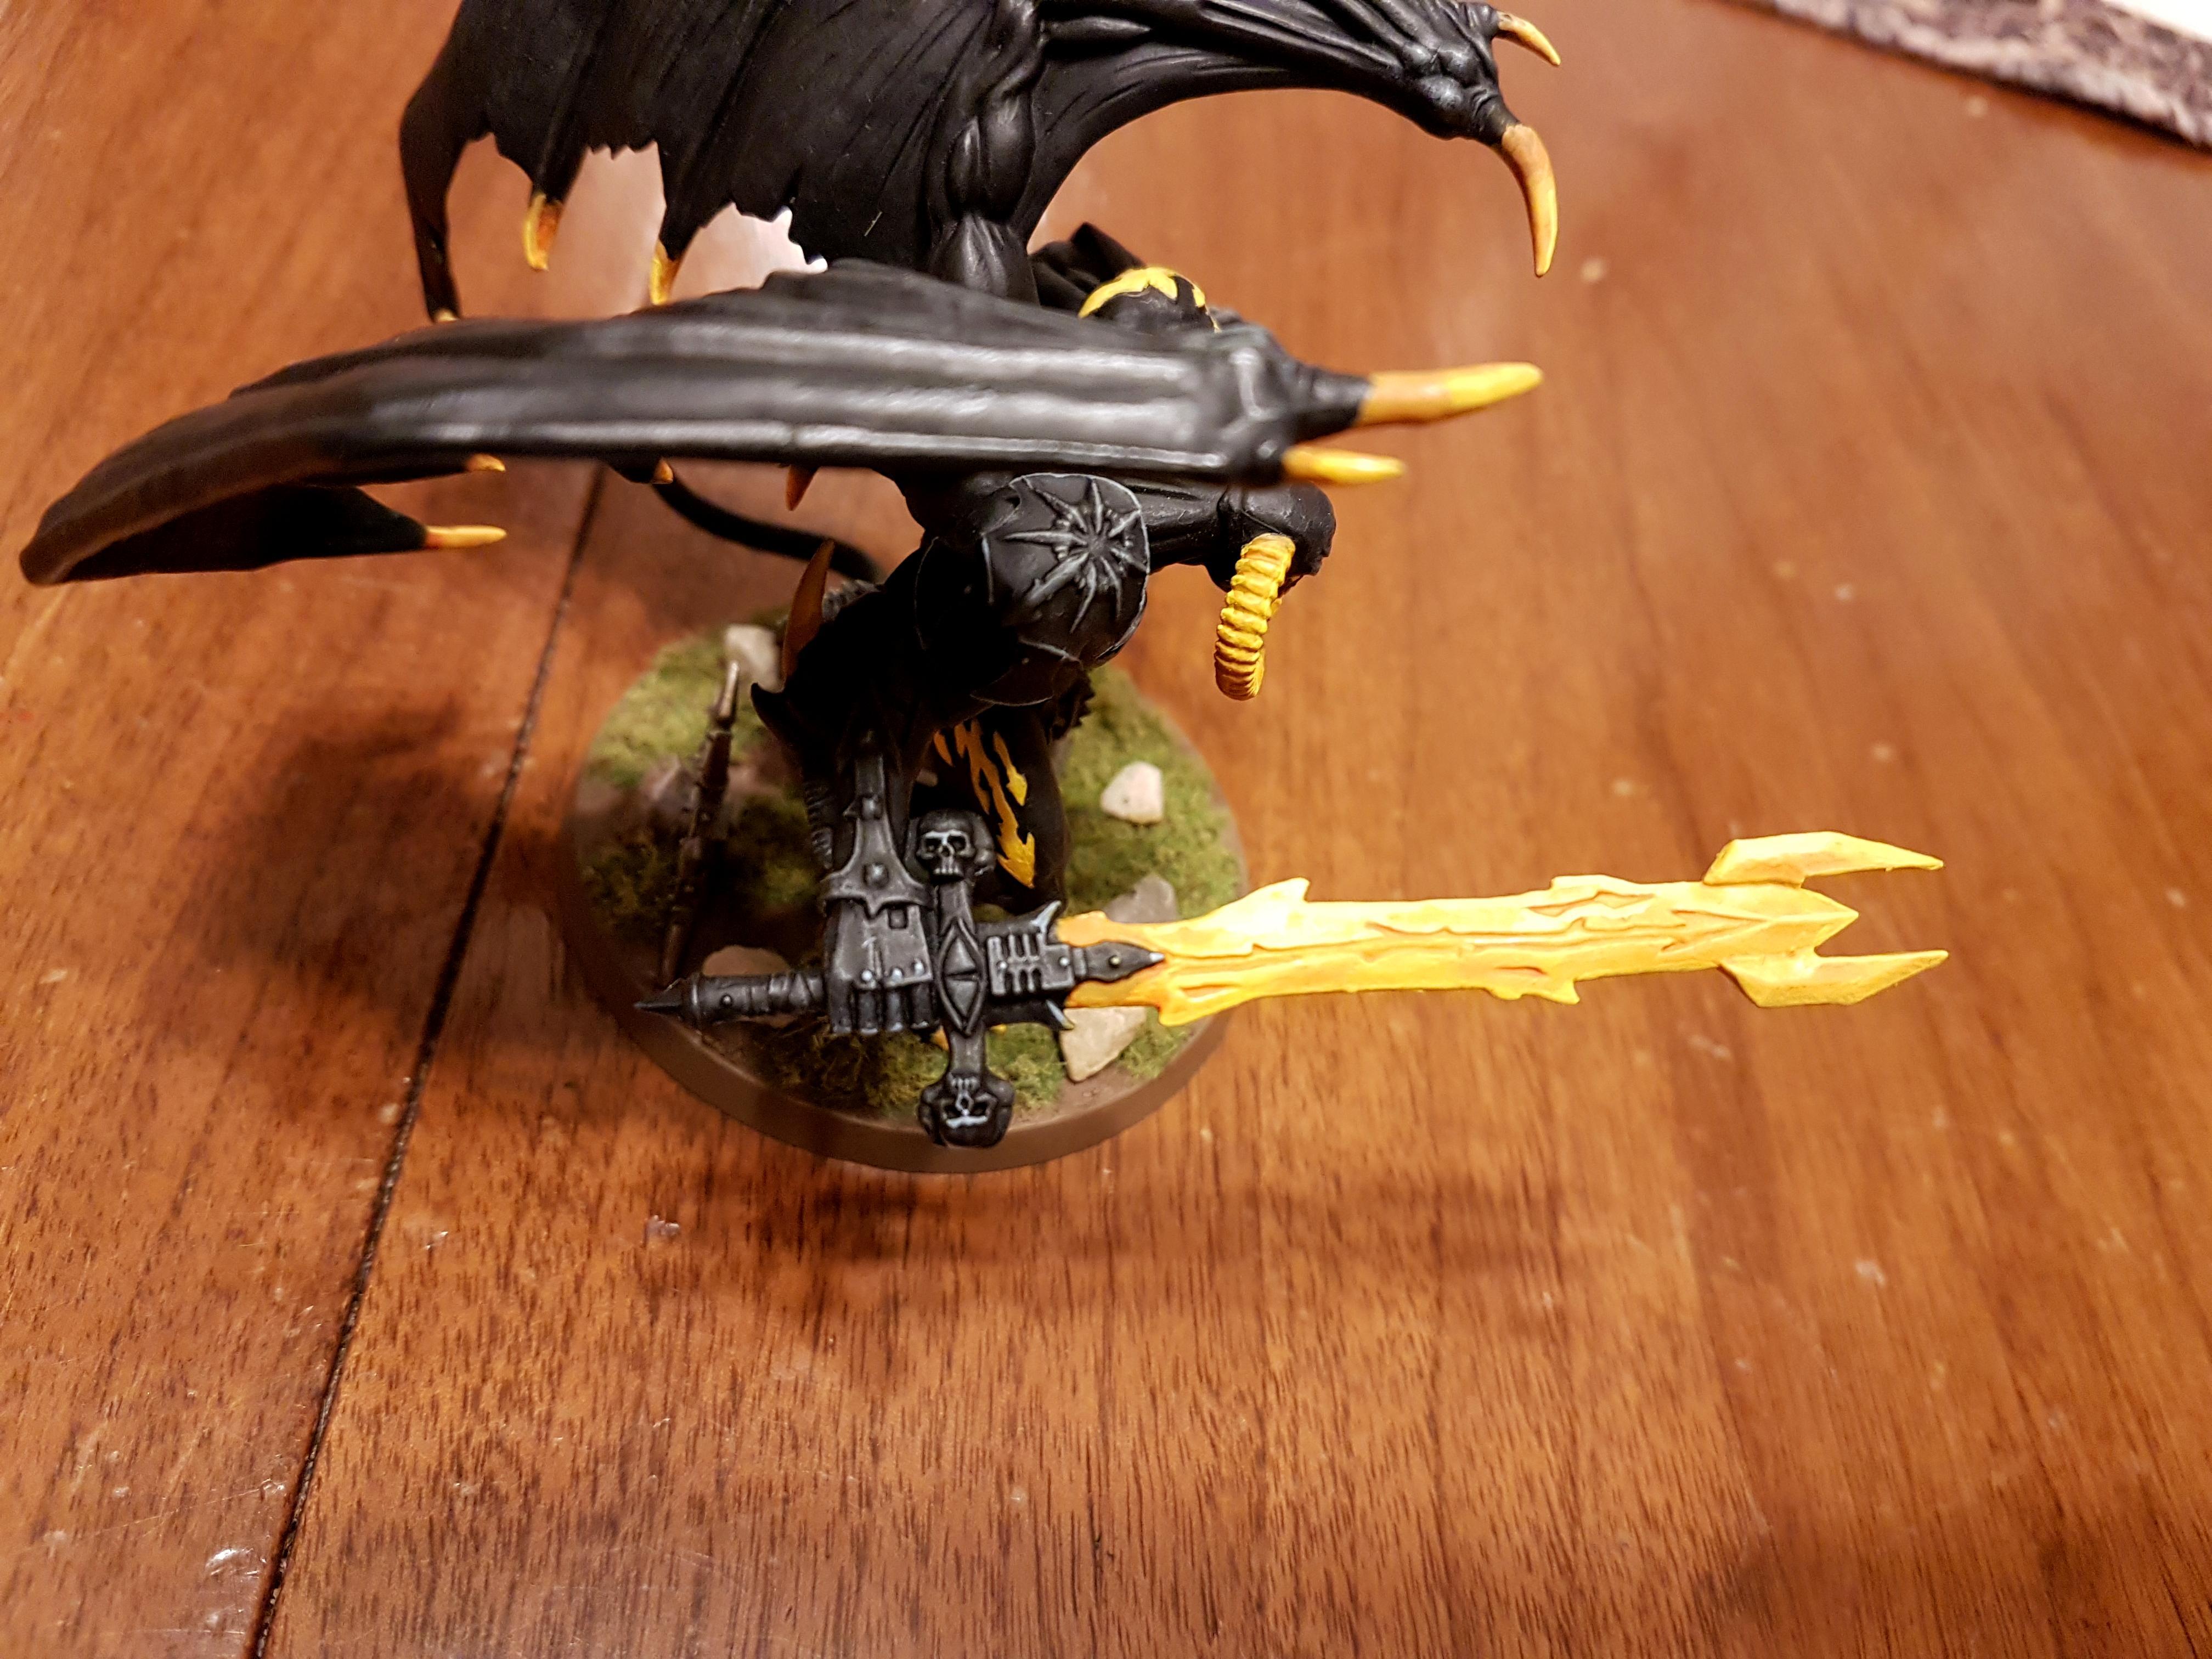 Be'lakor, Black, Daemon Prince, Daemons, Daemons Of Chaos, Grass, Shadow, Yellow